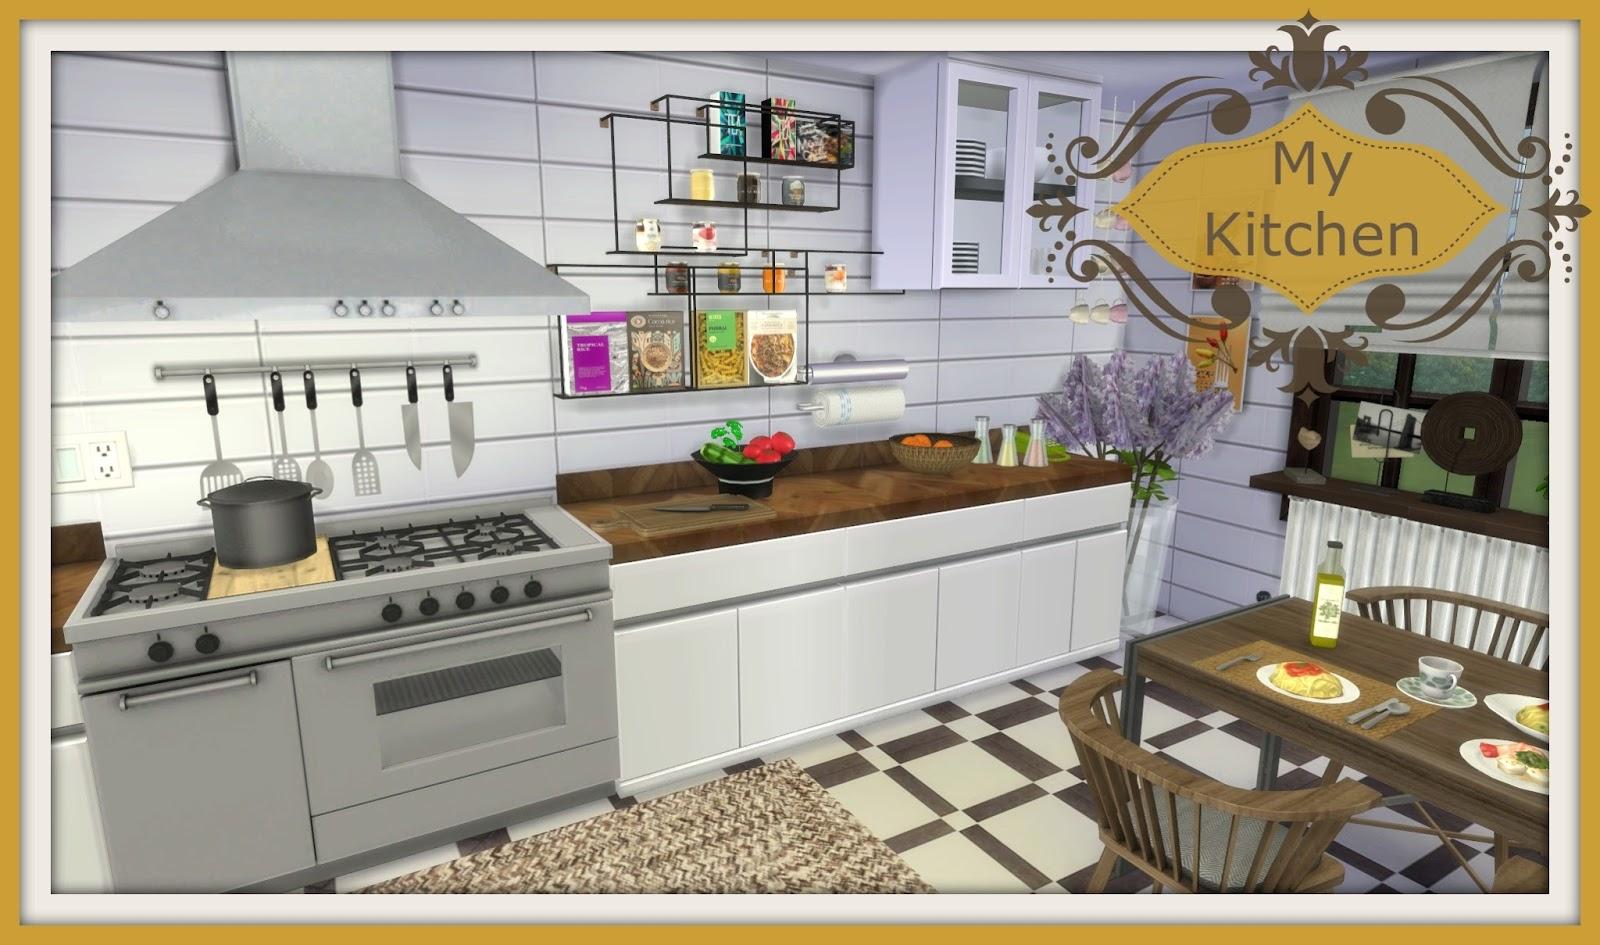 Sims 4 My Kitchen Dinha